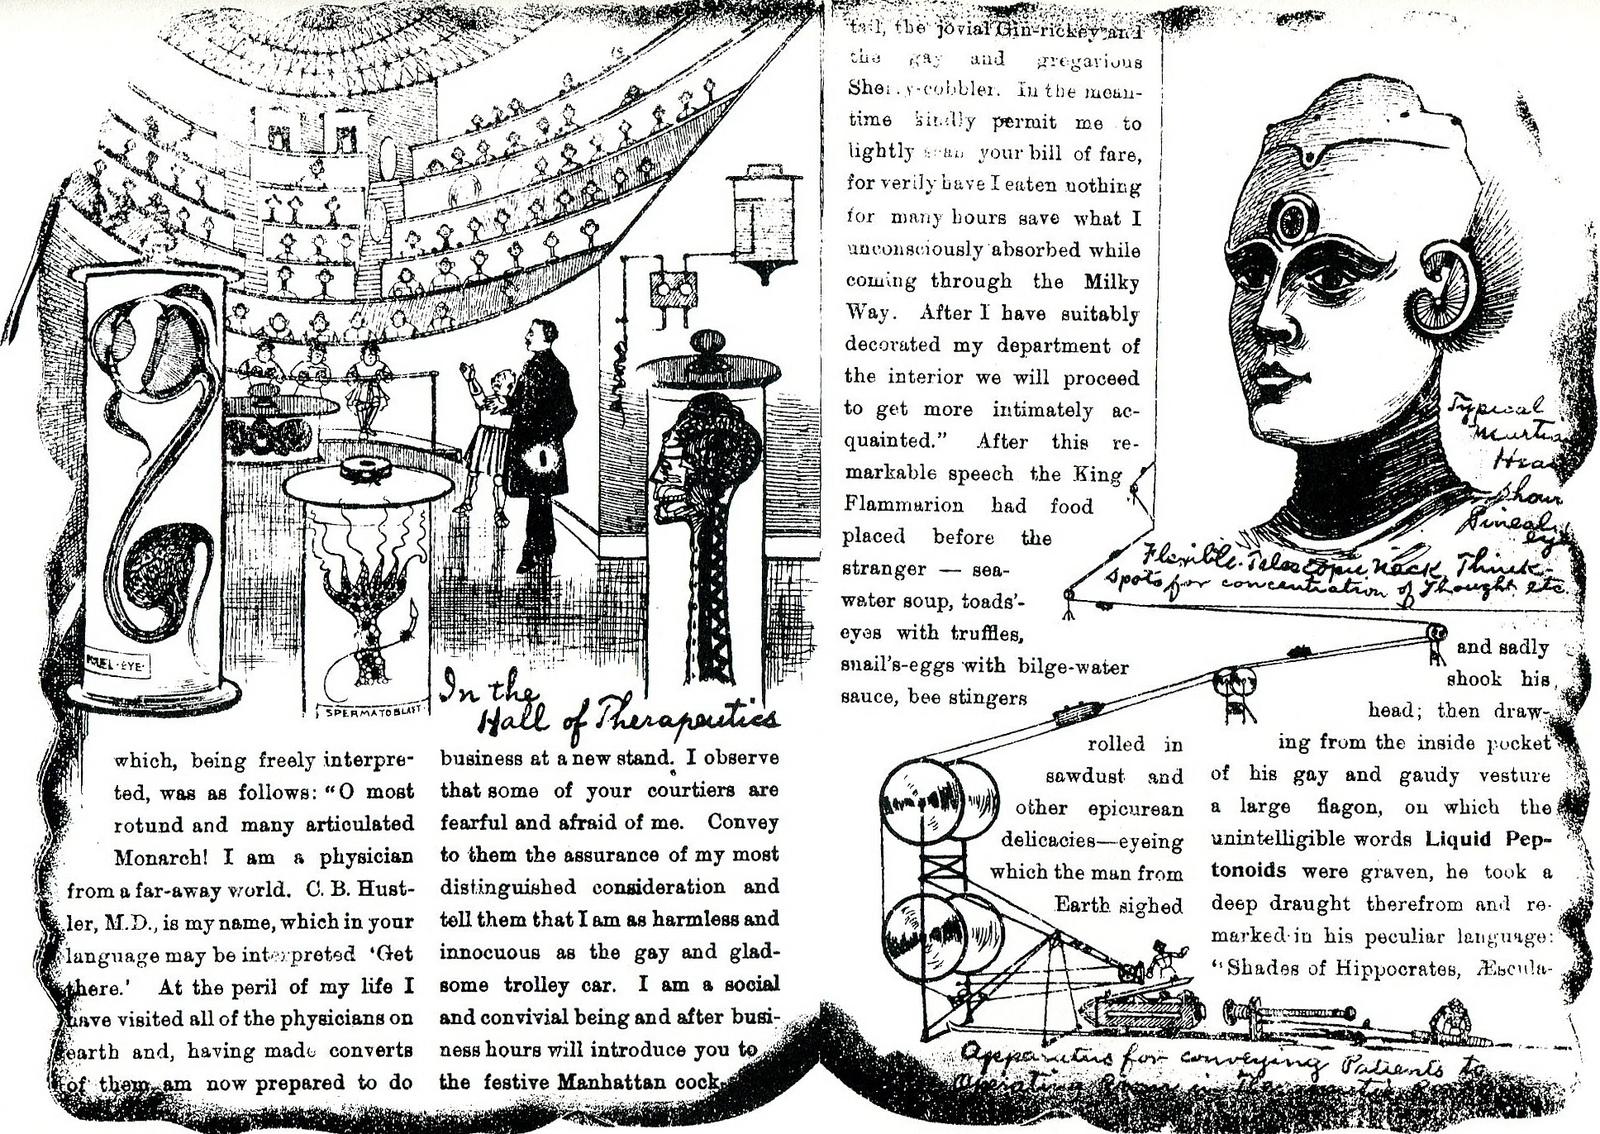 Scanned from C.B. Hustler's  The Mars Gazette  by alittleblackegg.